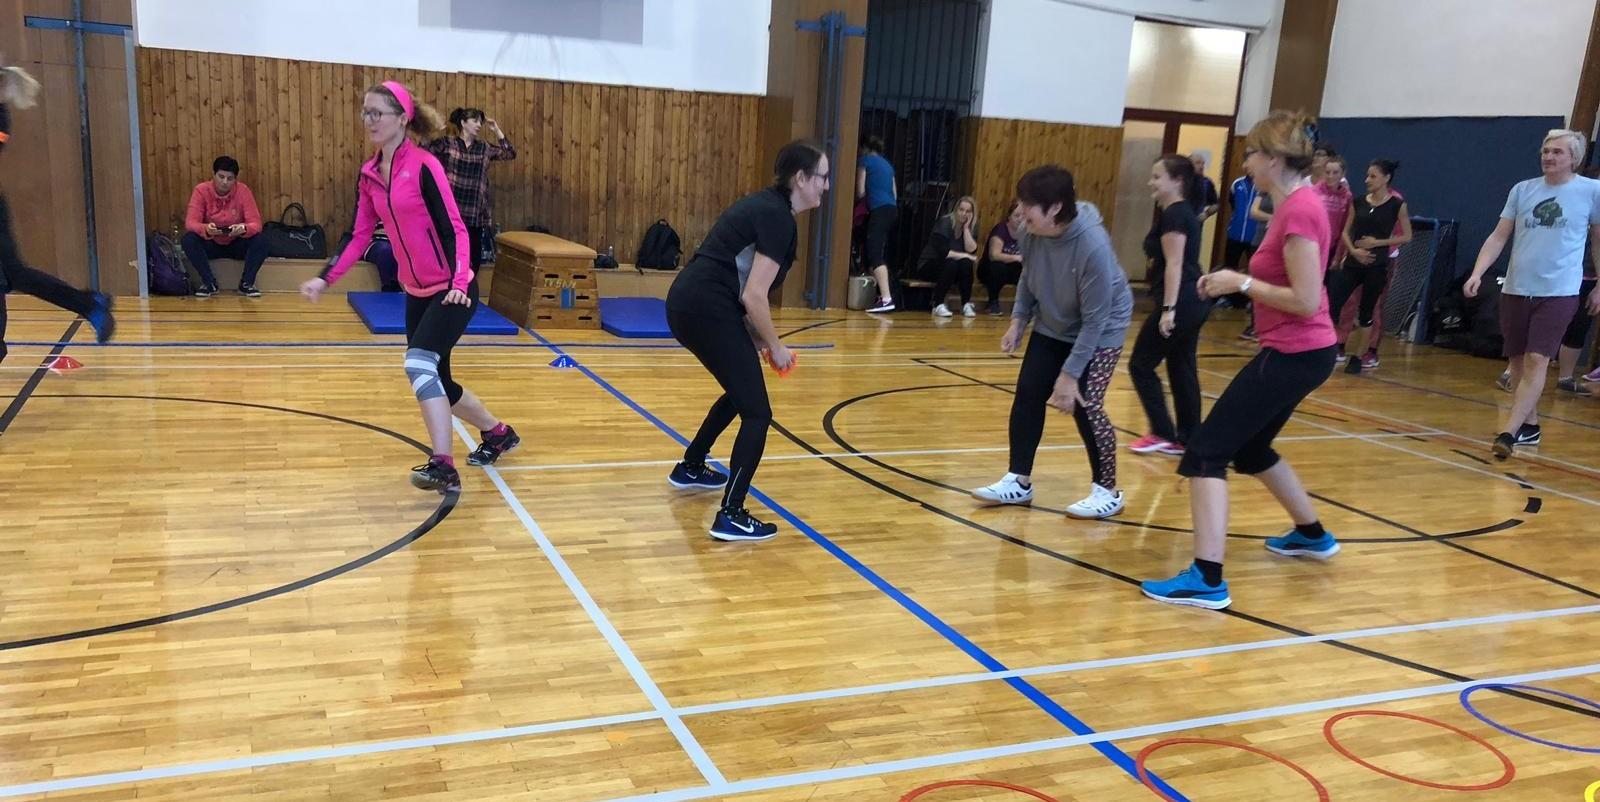 Semináře Škola v Pohybu v Teplicích se zúčastnilo 40 pedagogů